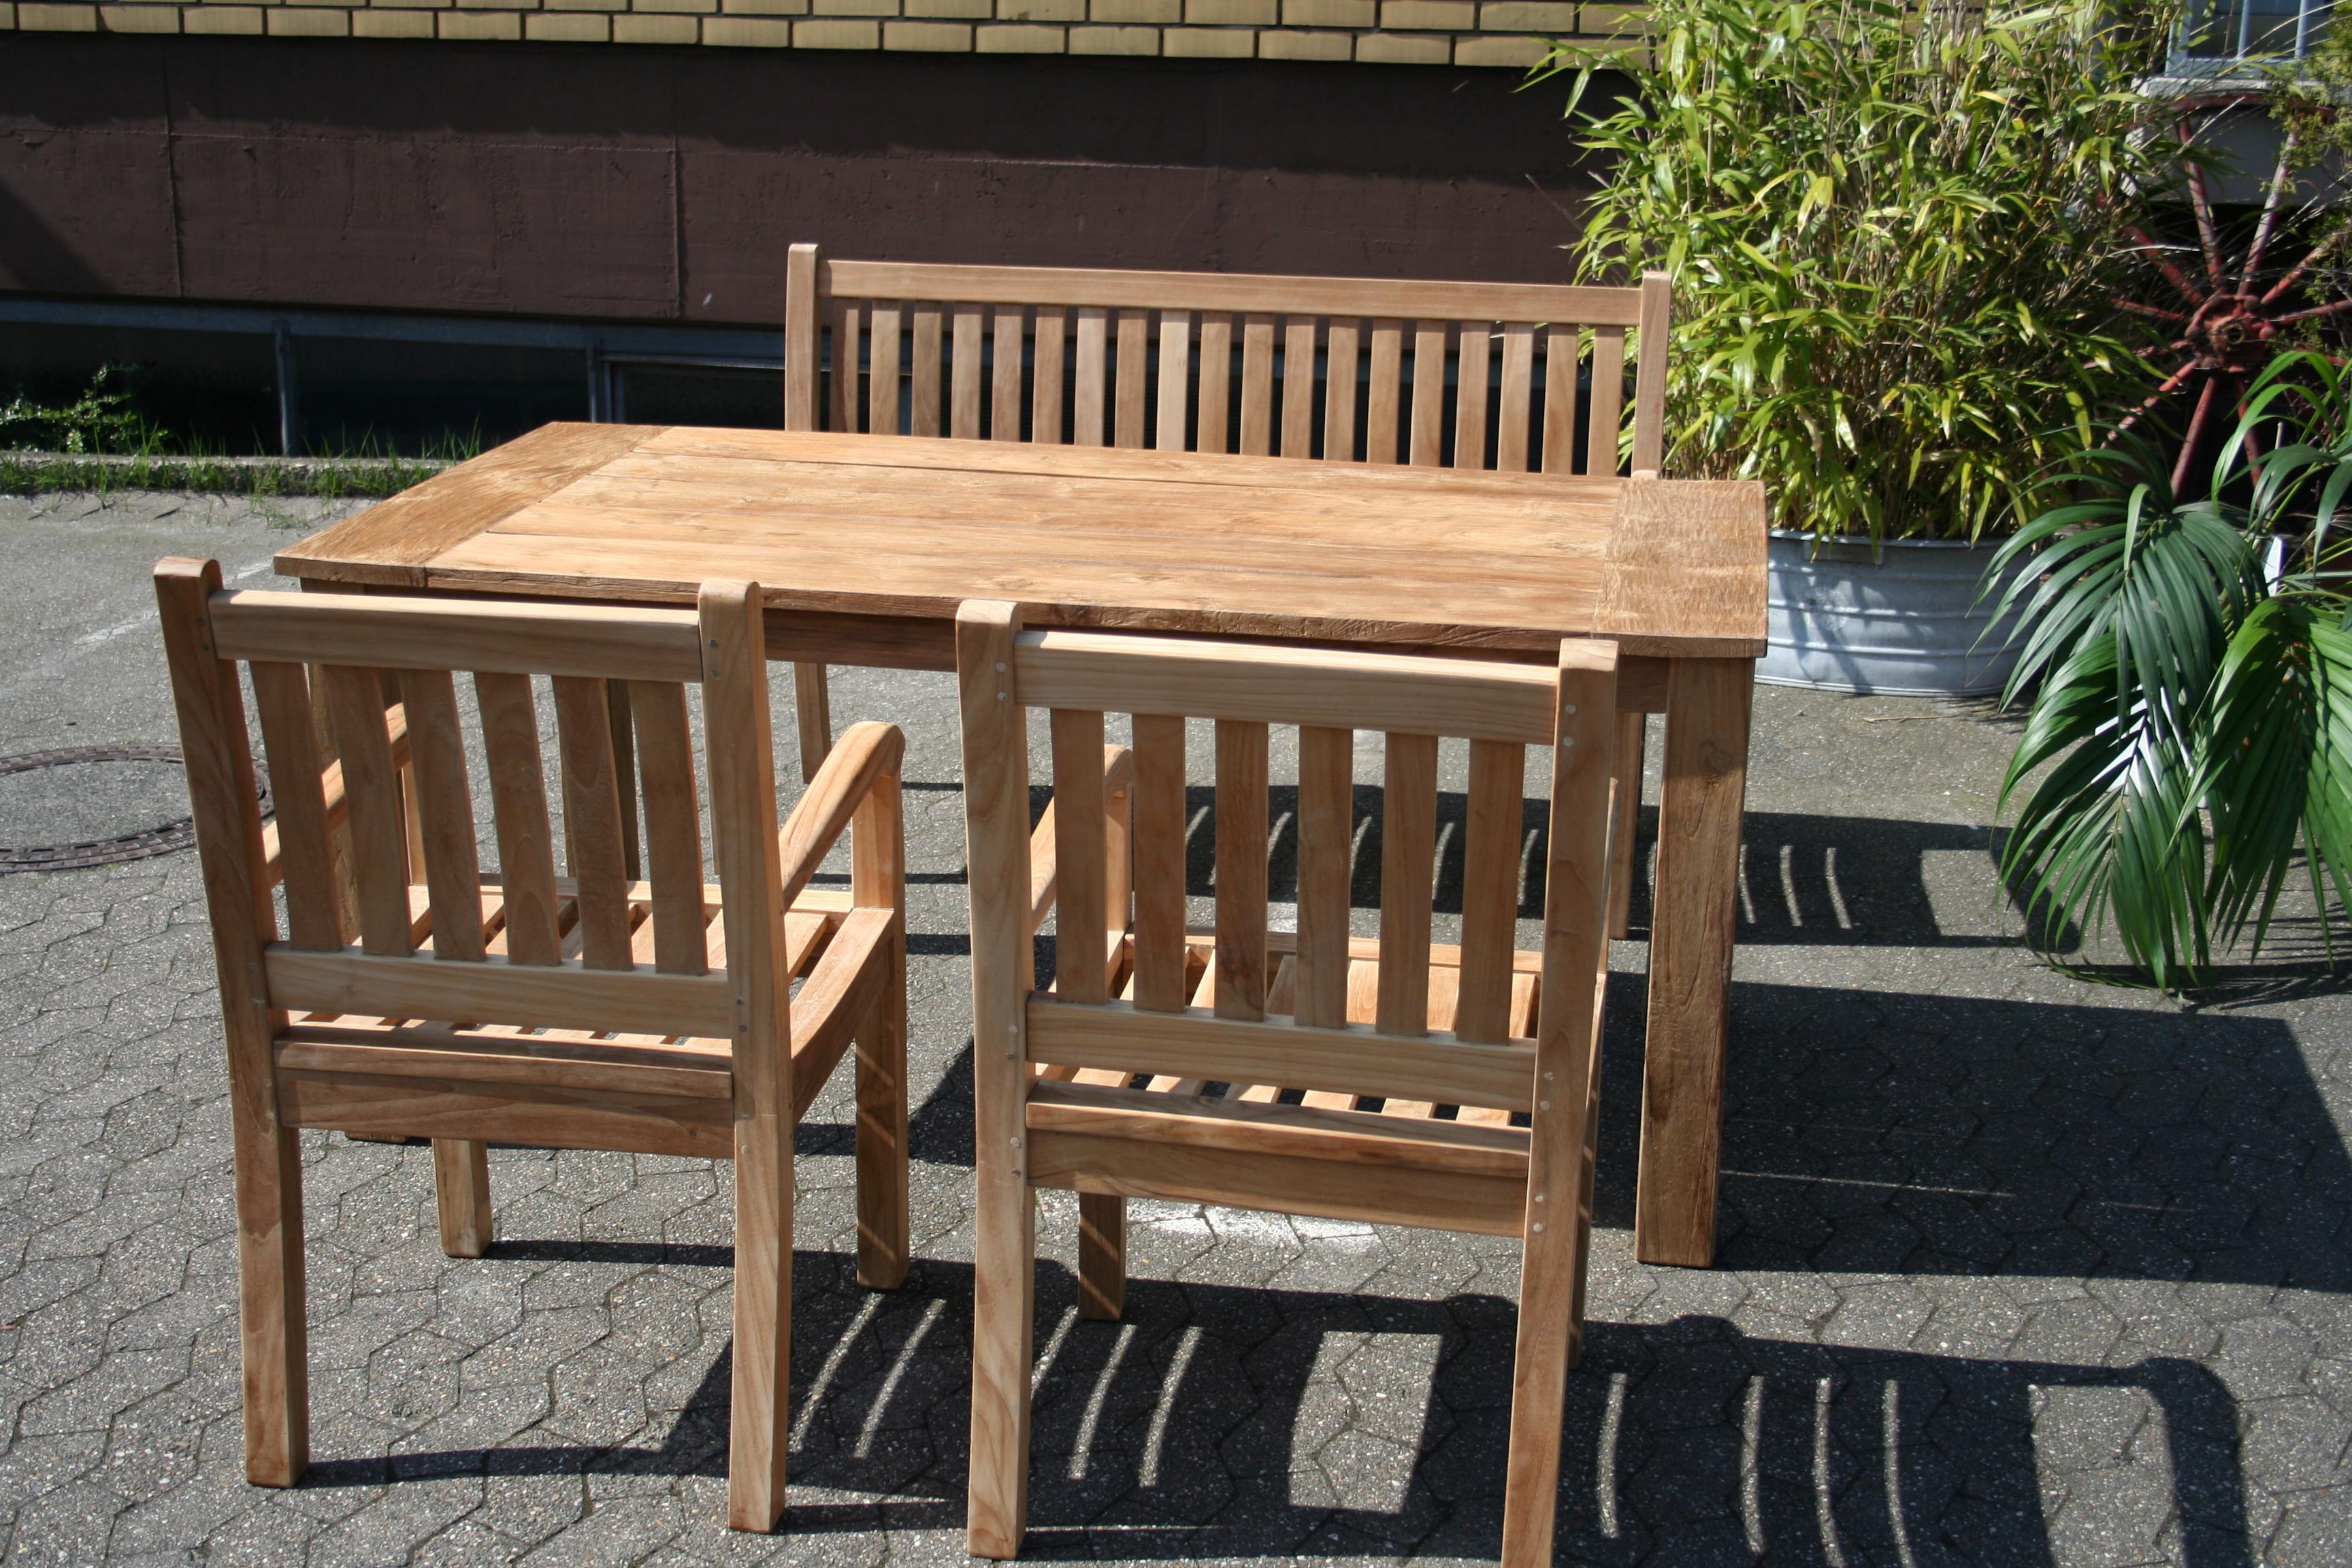 Teak Tisch gartentisch Esstisch Teakholz Teakmöbel Teakmoebel Garten Loungemöbel Outdoor Möbel ...